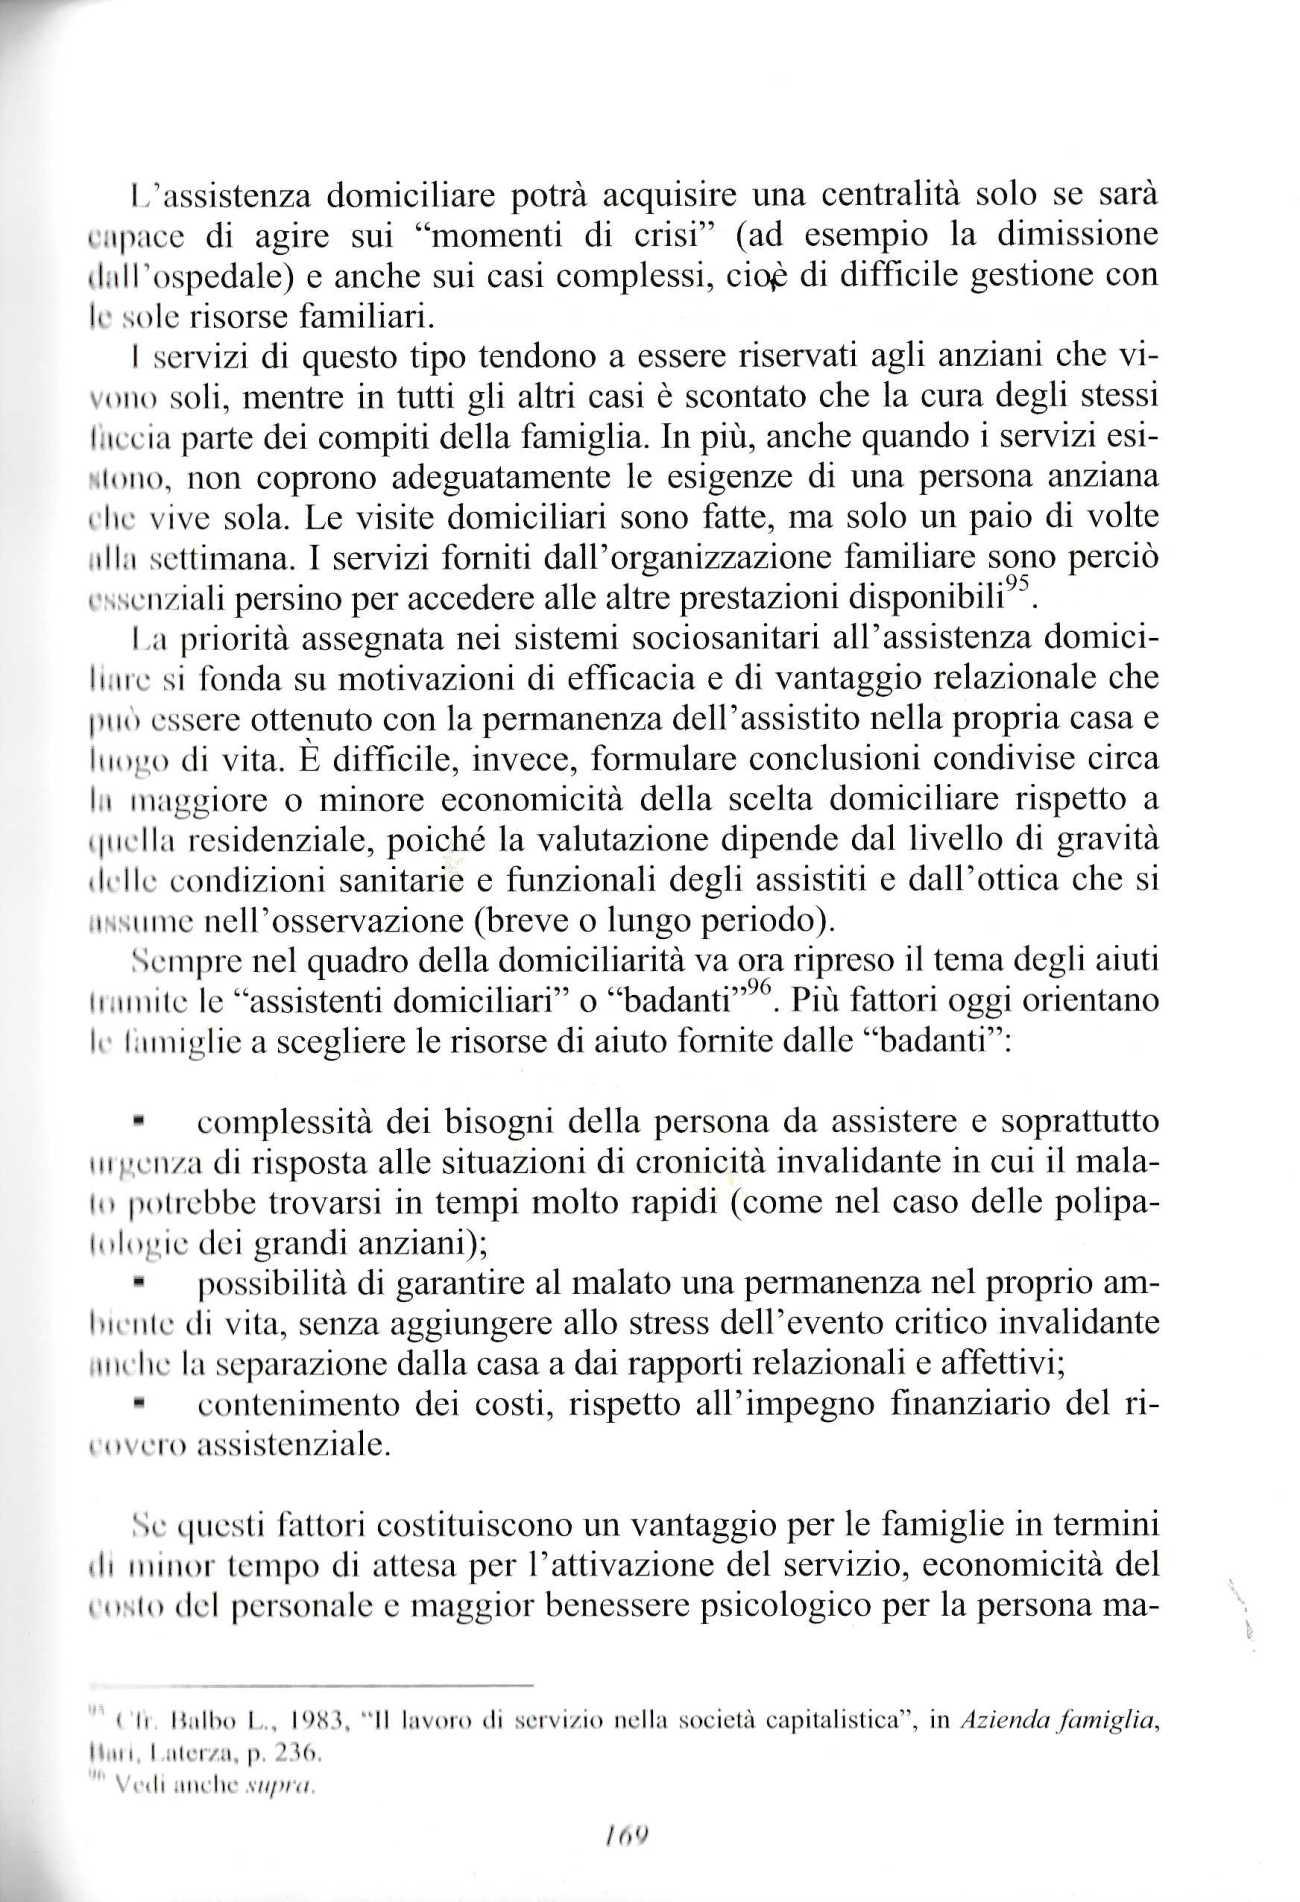 anziani politiche servizi 2005 ferrario paolo1352